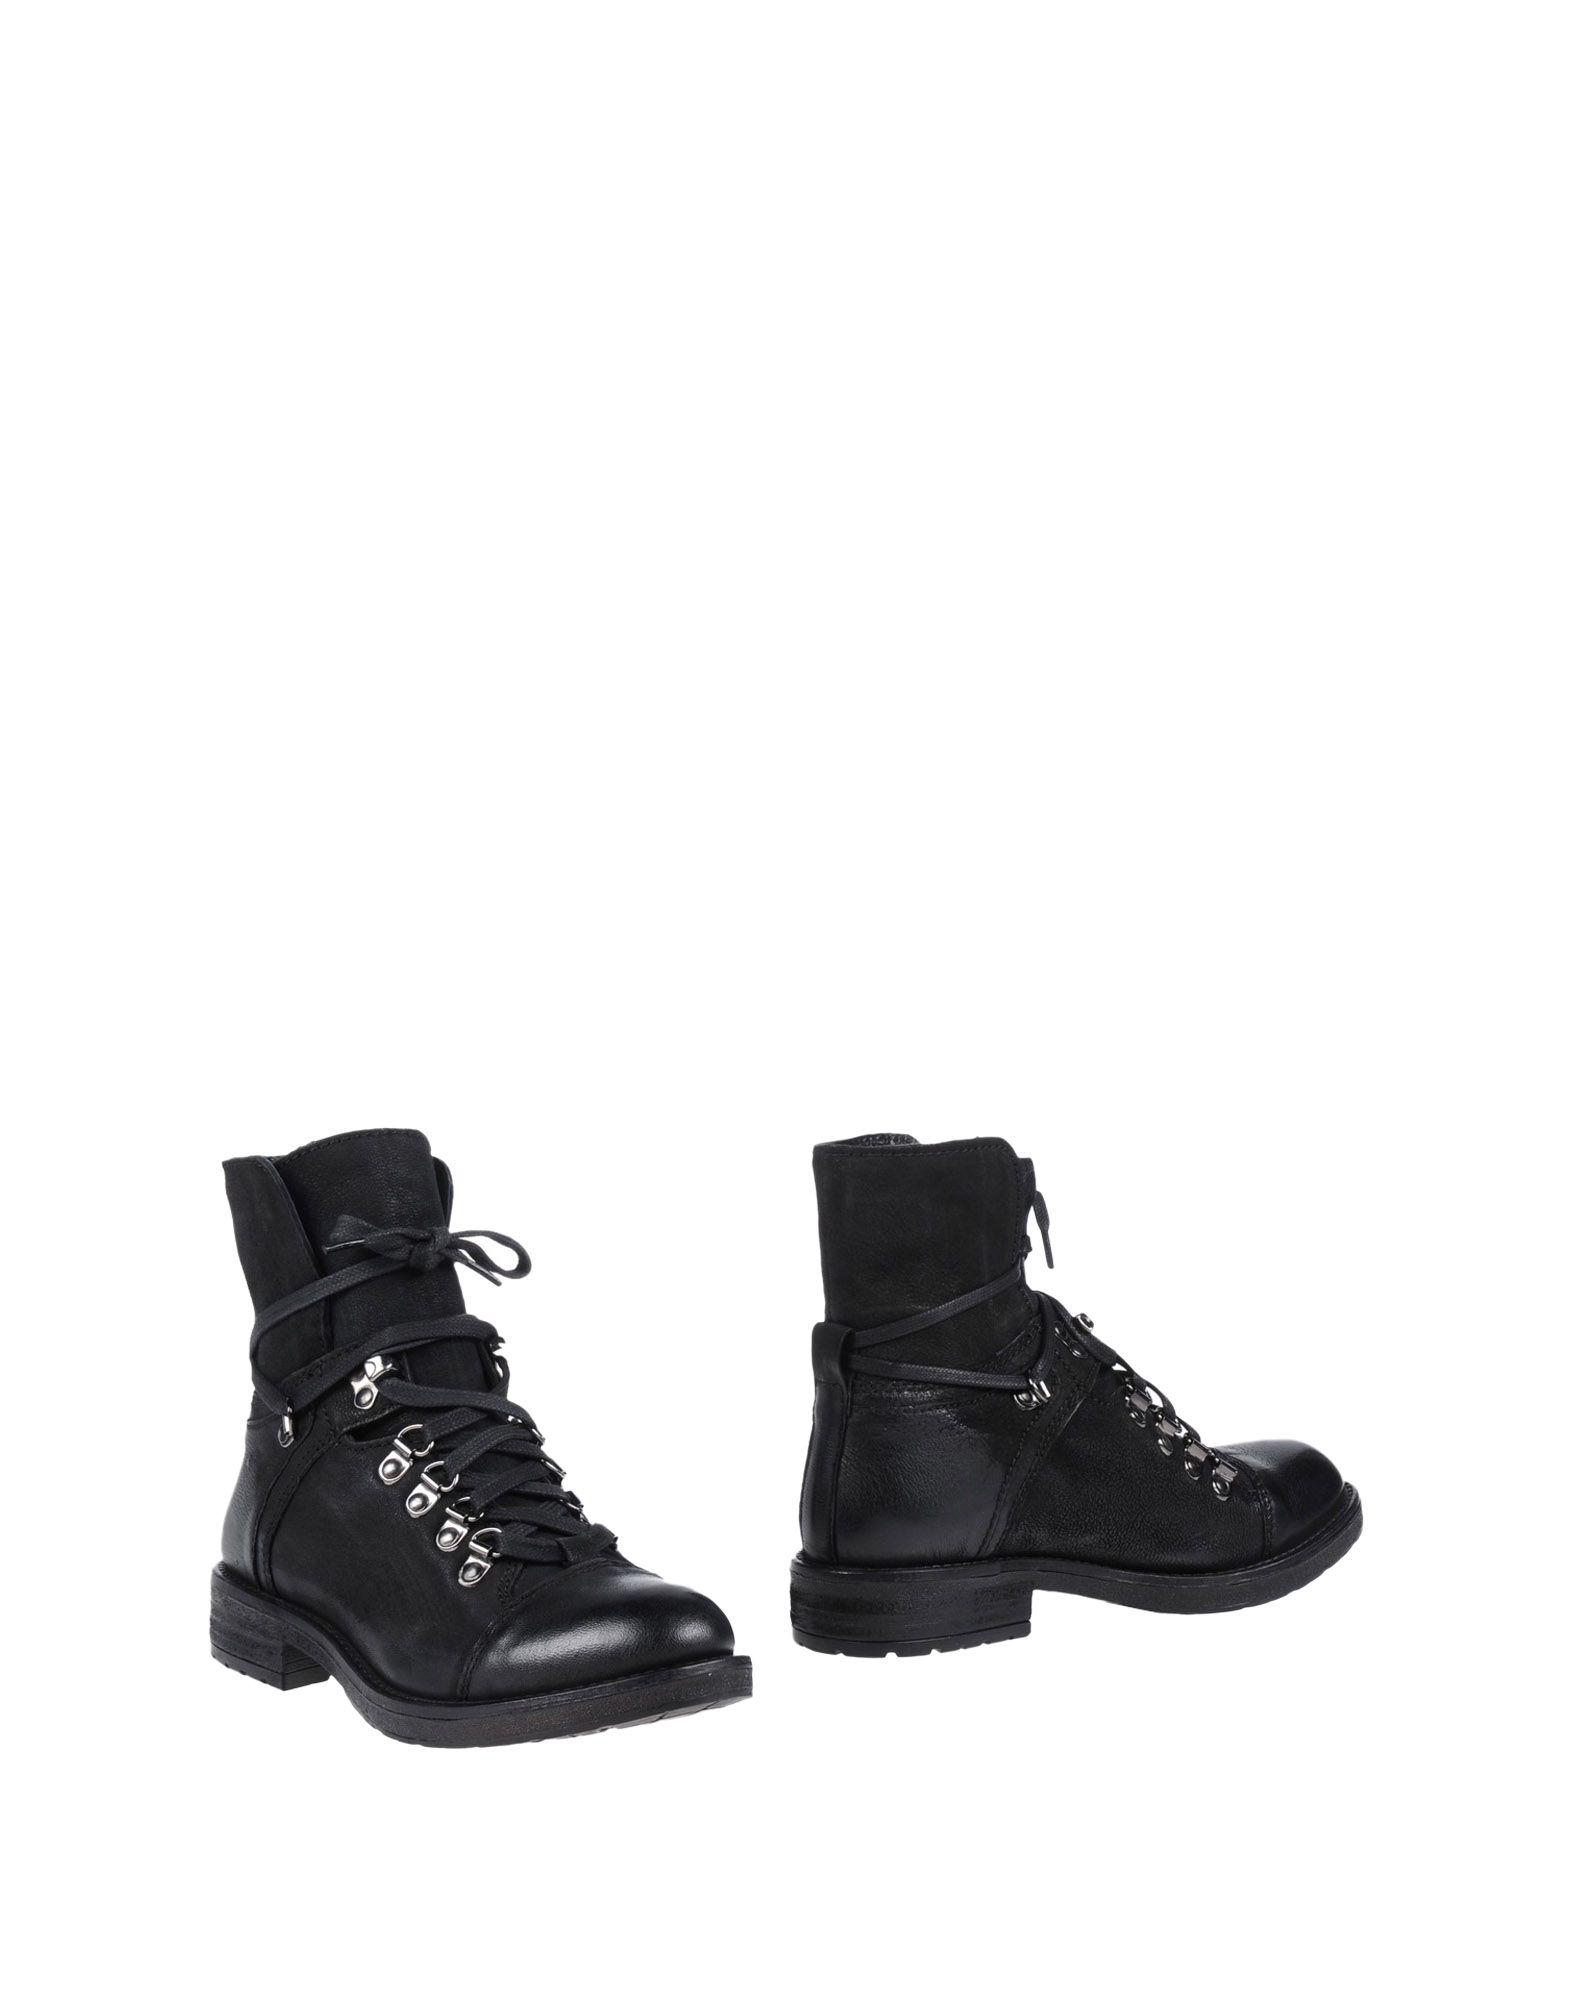 Inuovo Stiefelette Gute Damen  11456286RM Gute Stiefelette Qualität beliebte Schuhe e12081